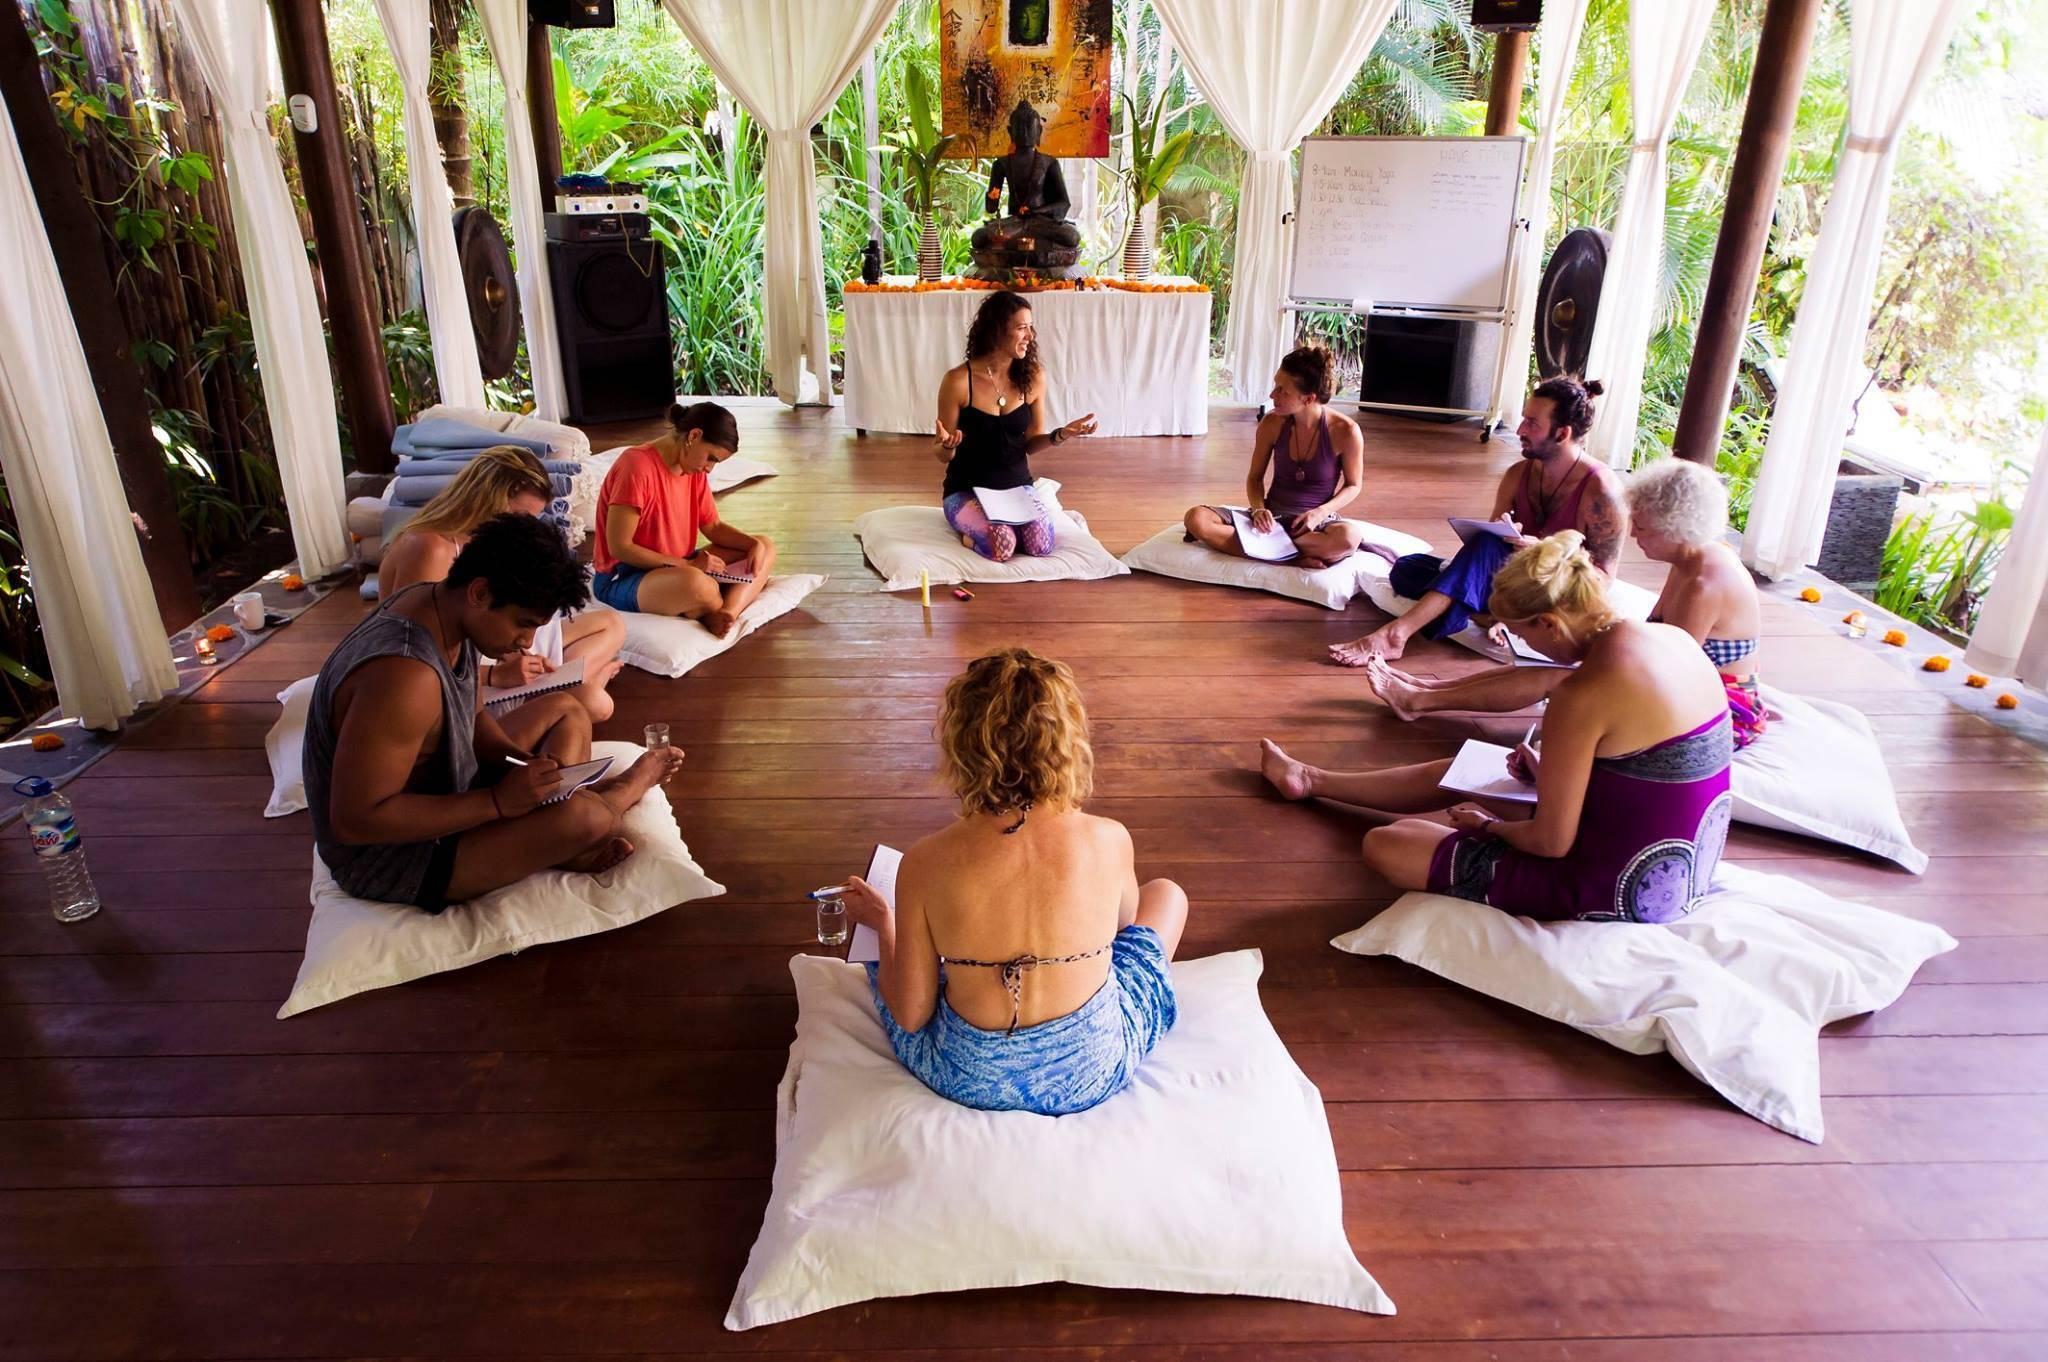 Йога-туры: мода быть здоровым — тонкости туризма